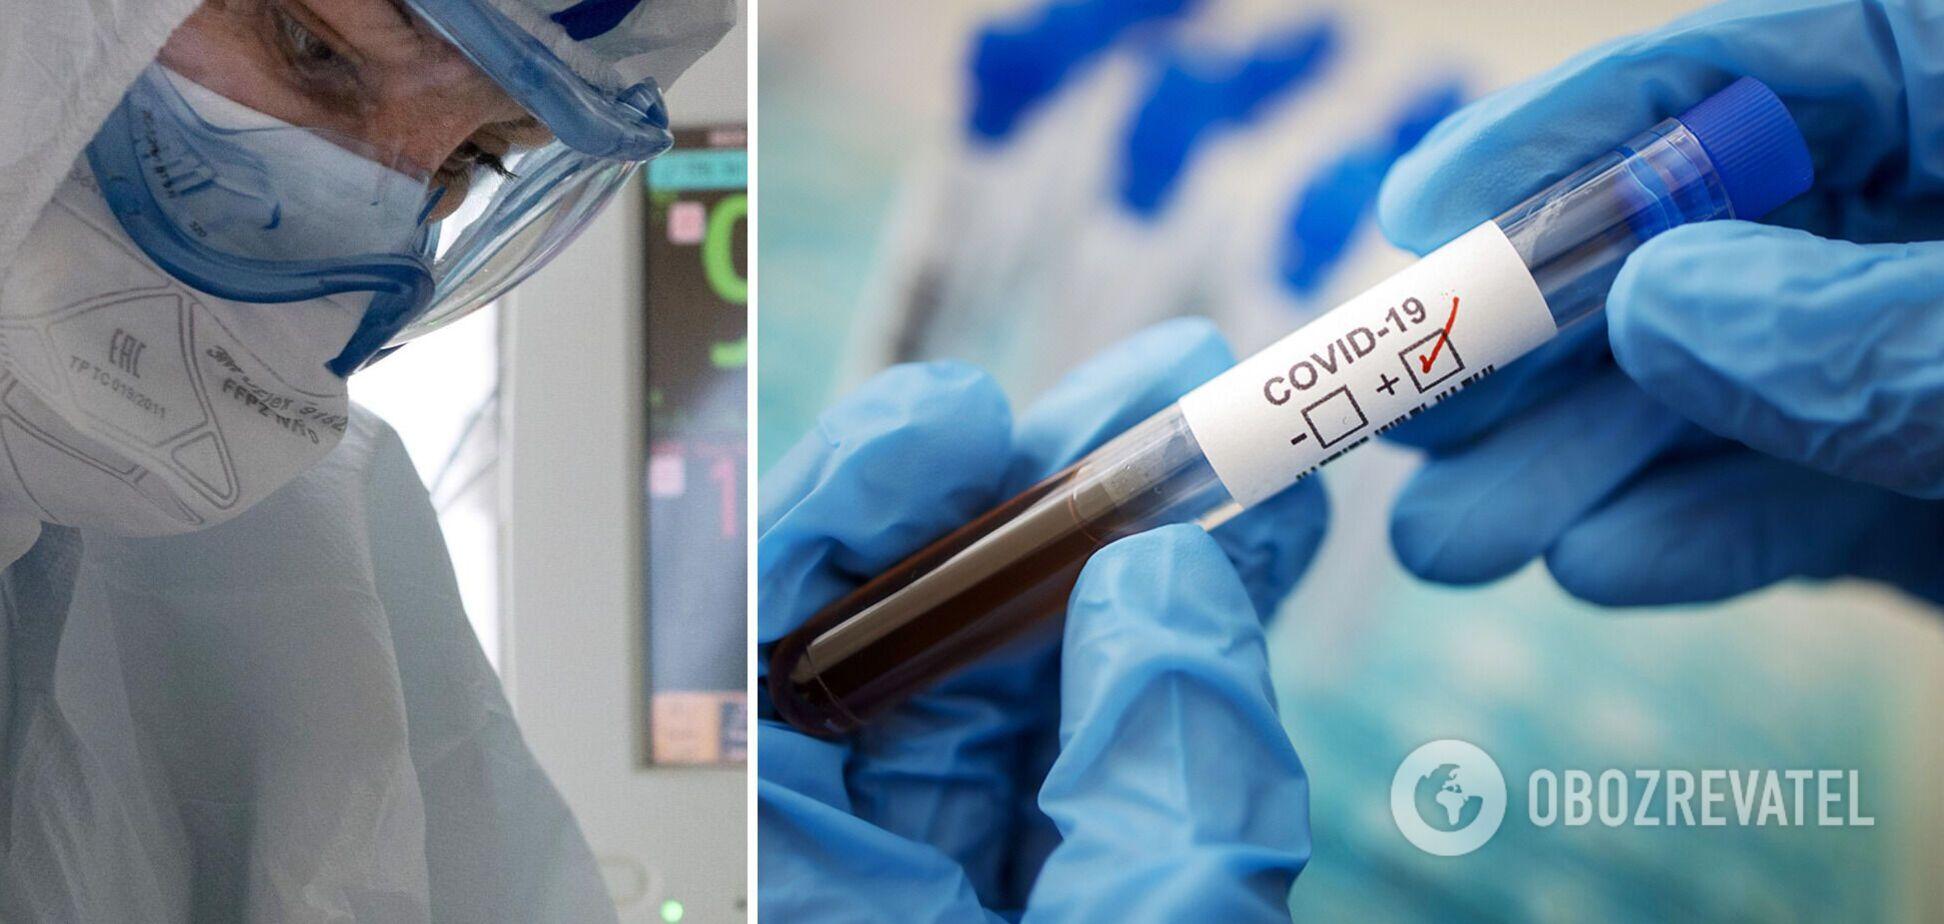 Инфекционист заявил об угрозе индийского штамма COVID-19 для Украины